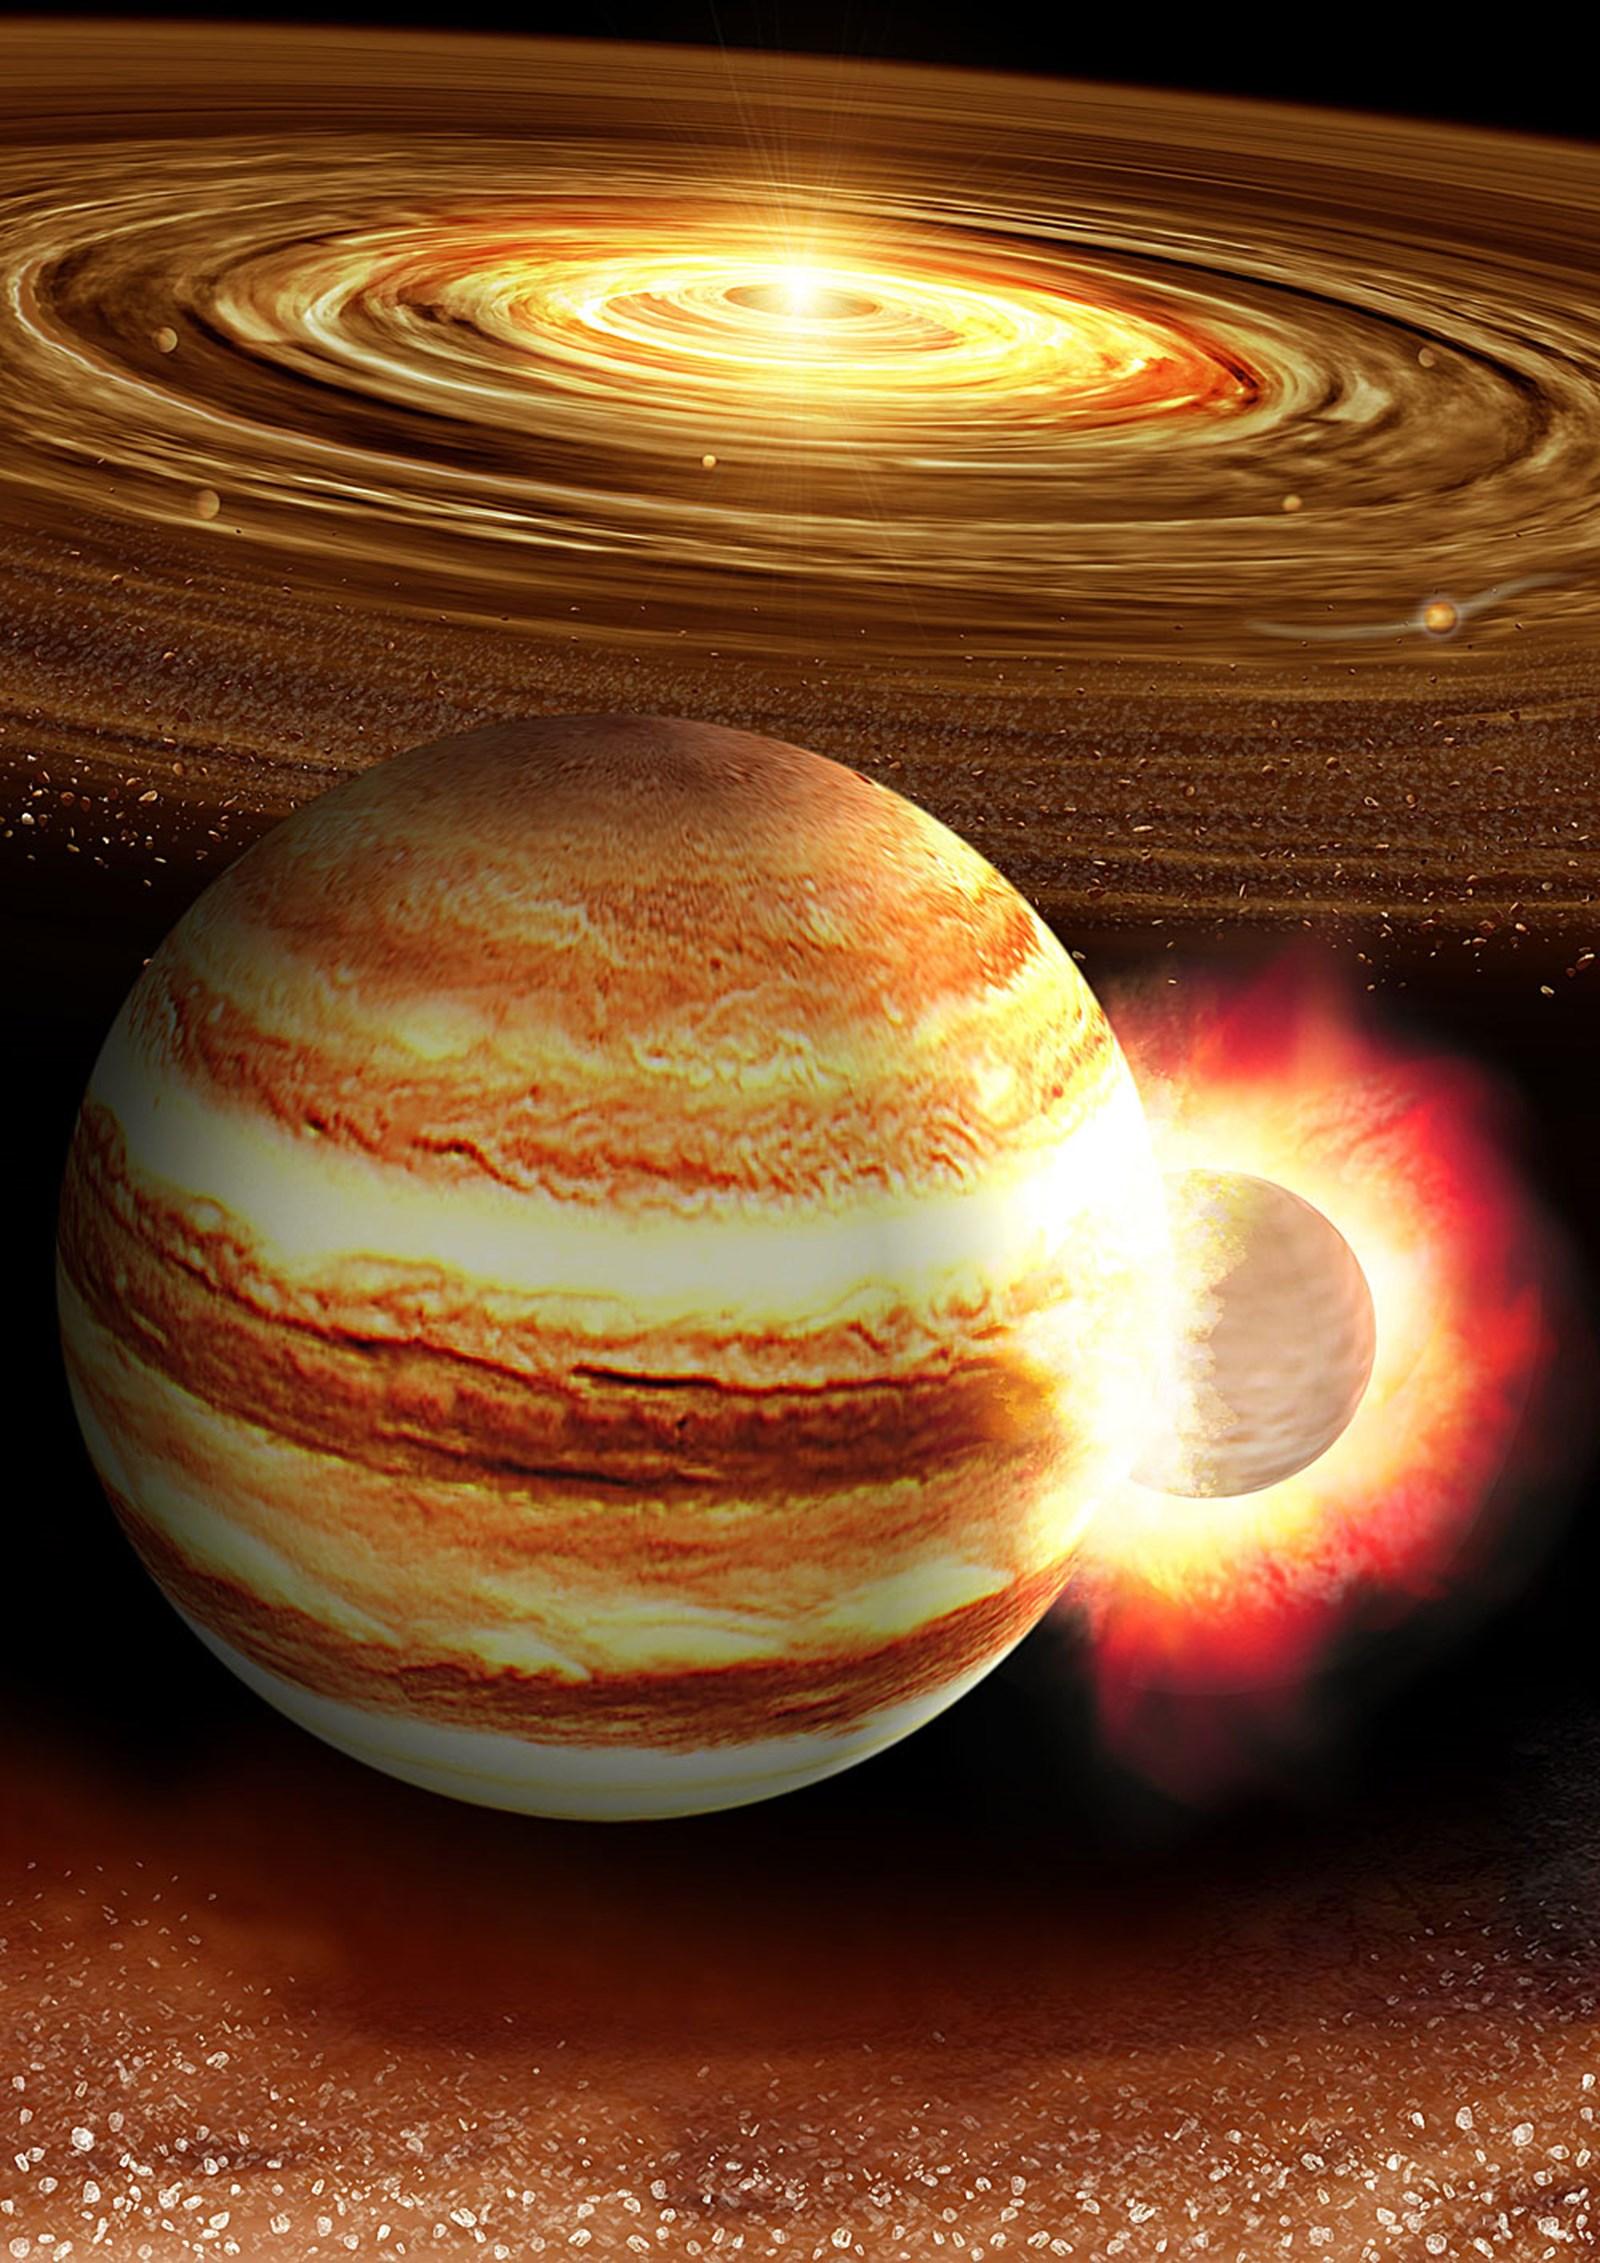 Der junge Jupiter wurde von einem riesigen Planeten getroffen – derStandard.at